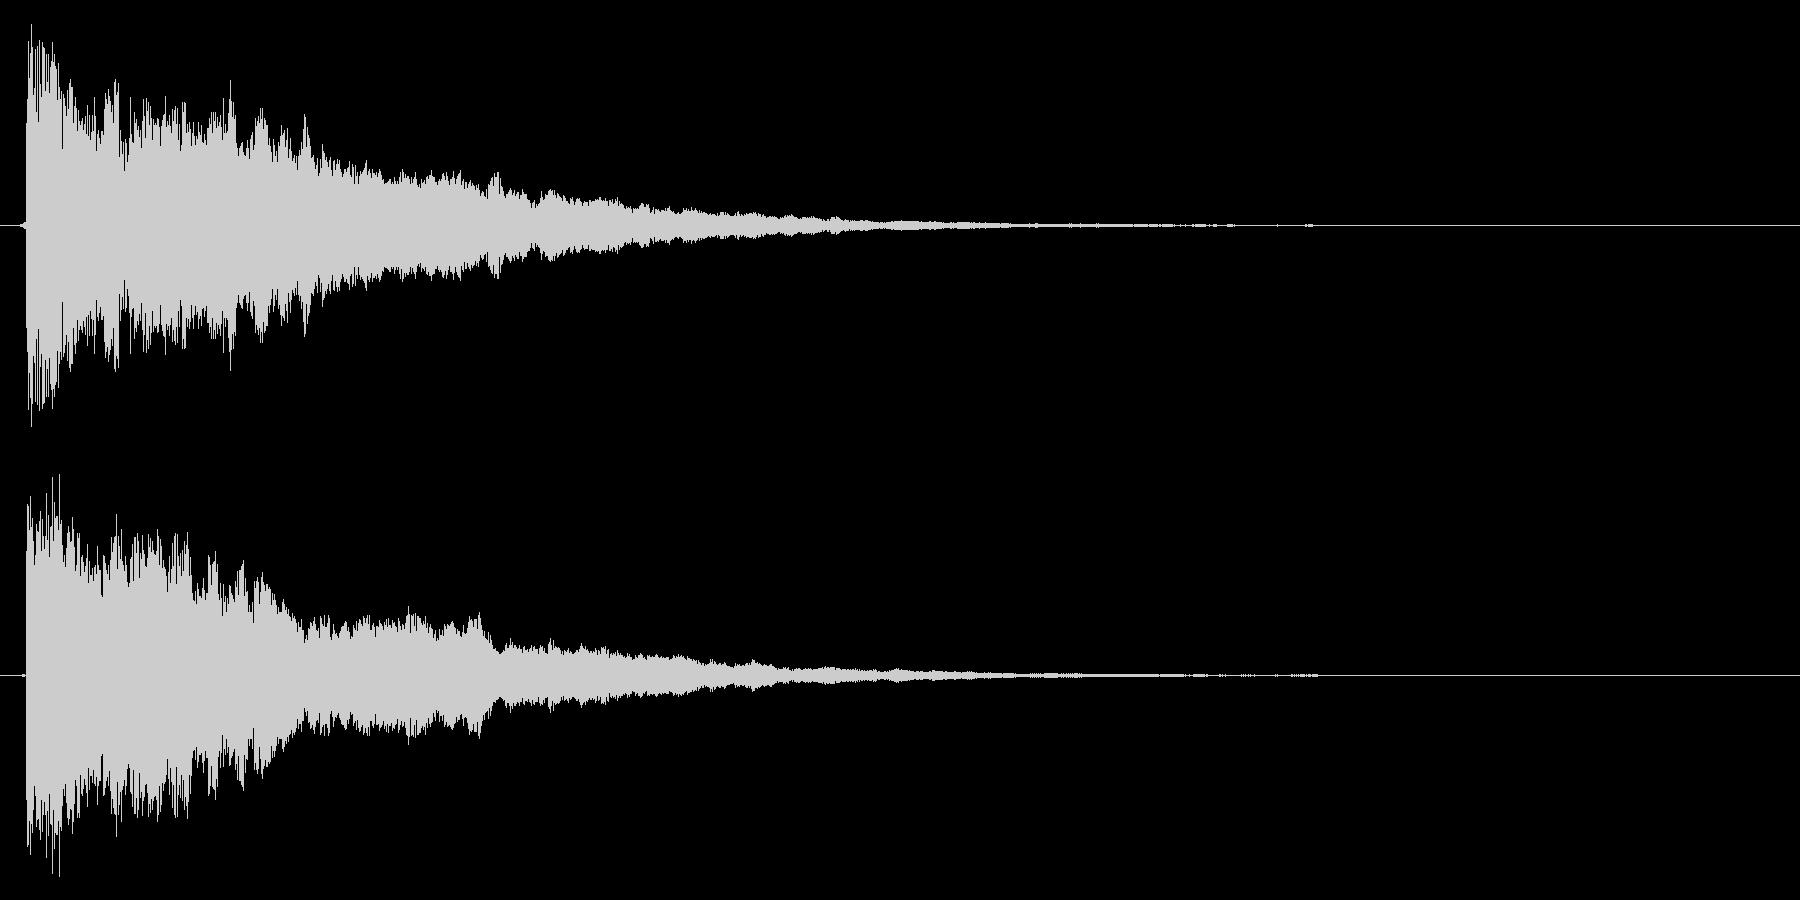 決定音/SF/星の未再生の波形